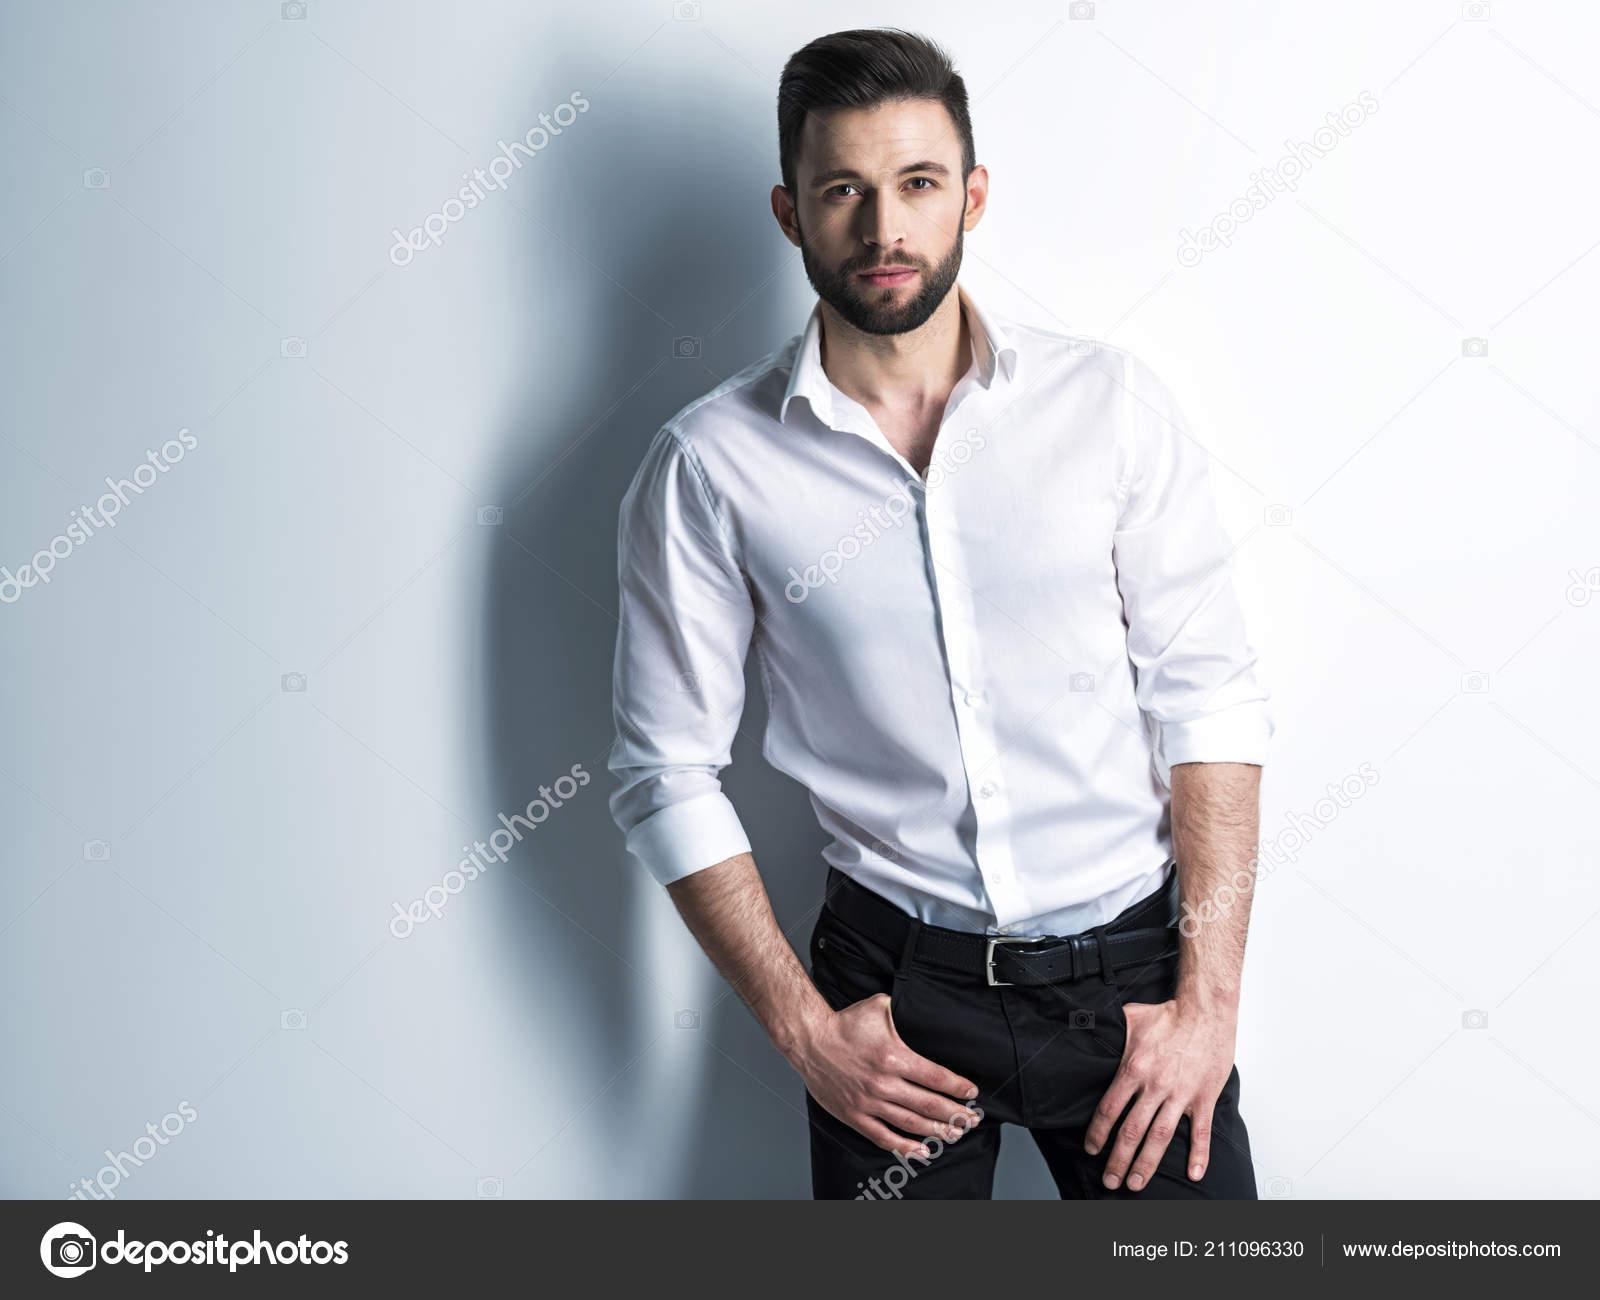 nuovi stili prima clienti prezzo basso Barba Uomo Camicia Bianca Pantaloni Neri Che Propone Allo ...